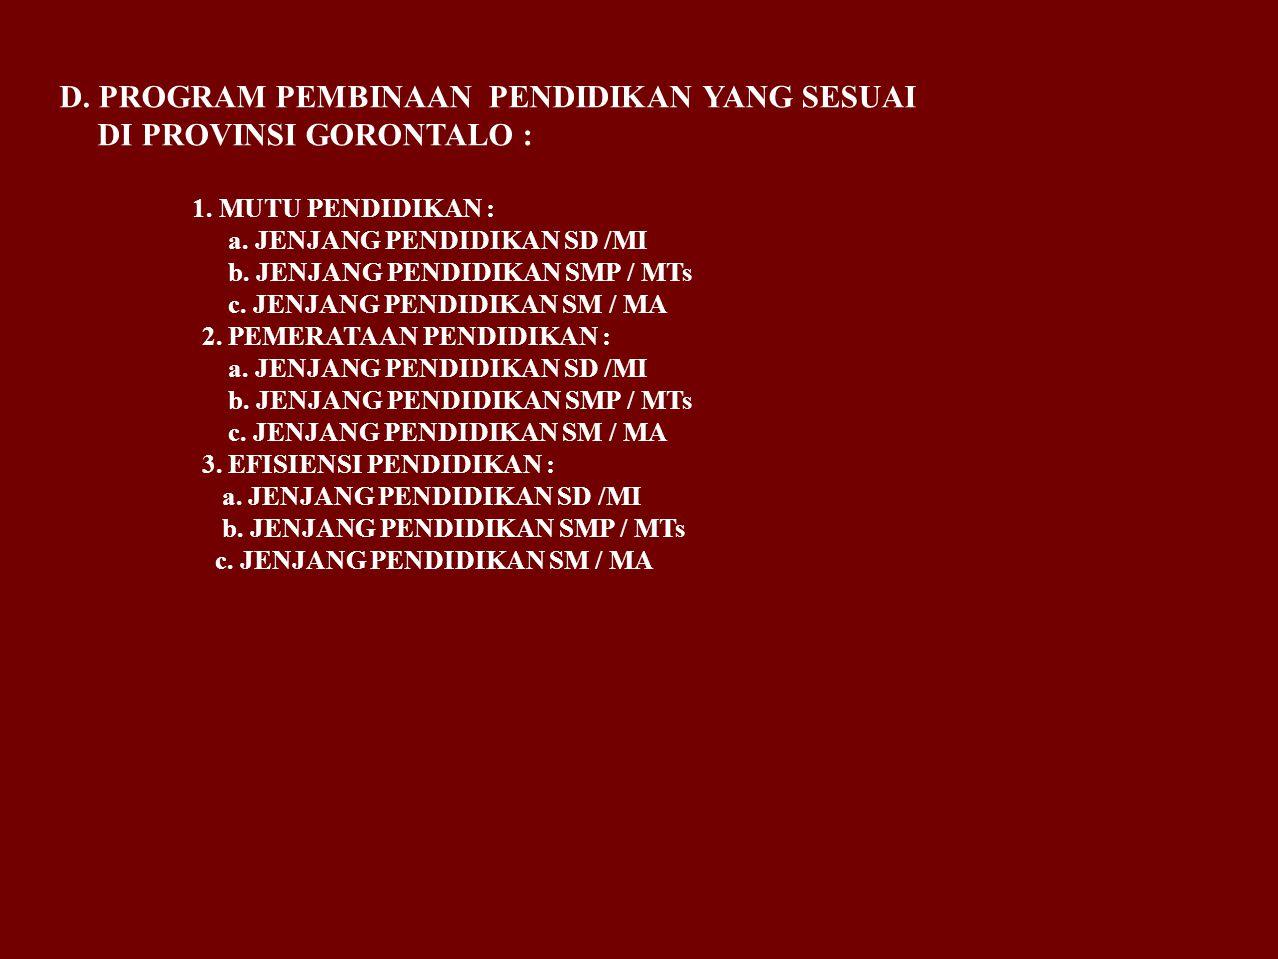 D.PROGRAM PEMBINAAN PENDIDIKAN YANG SESUAI DI PROVINSI GORONTALO : 1.